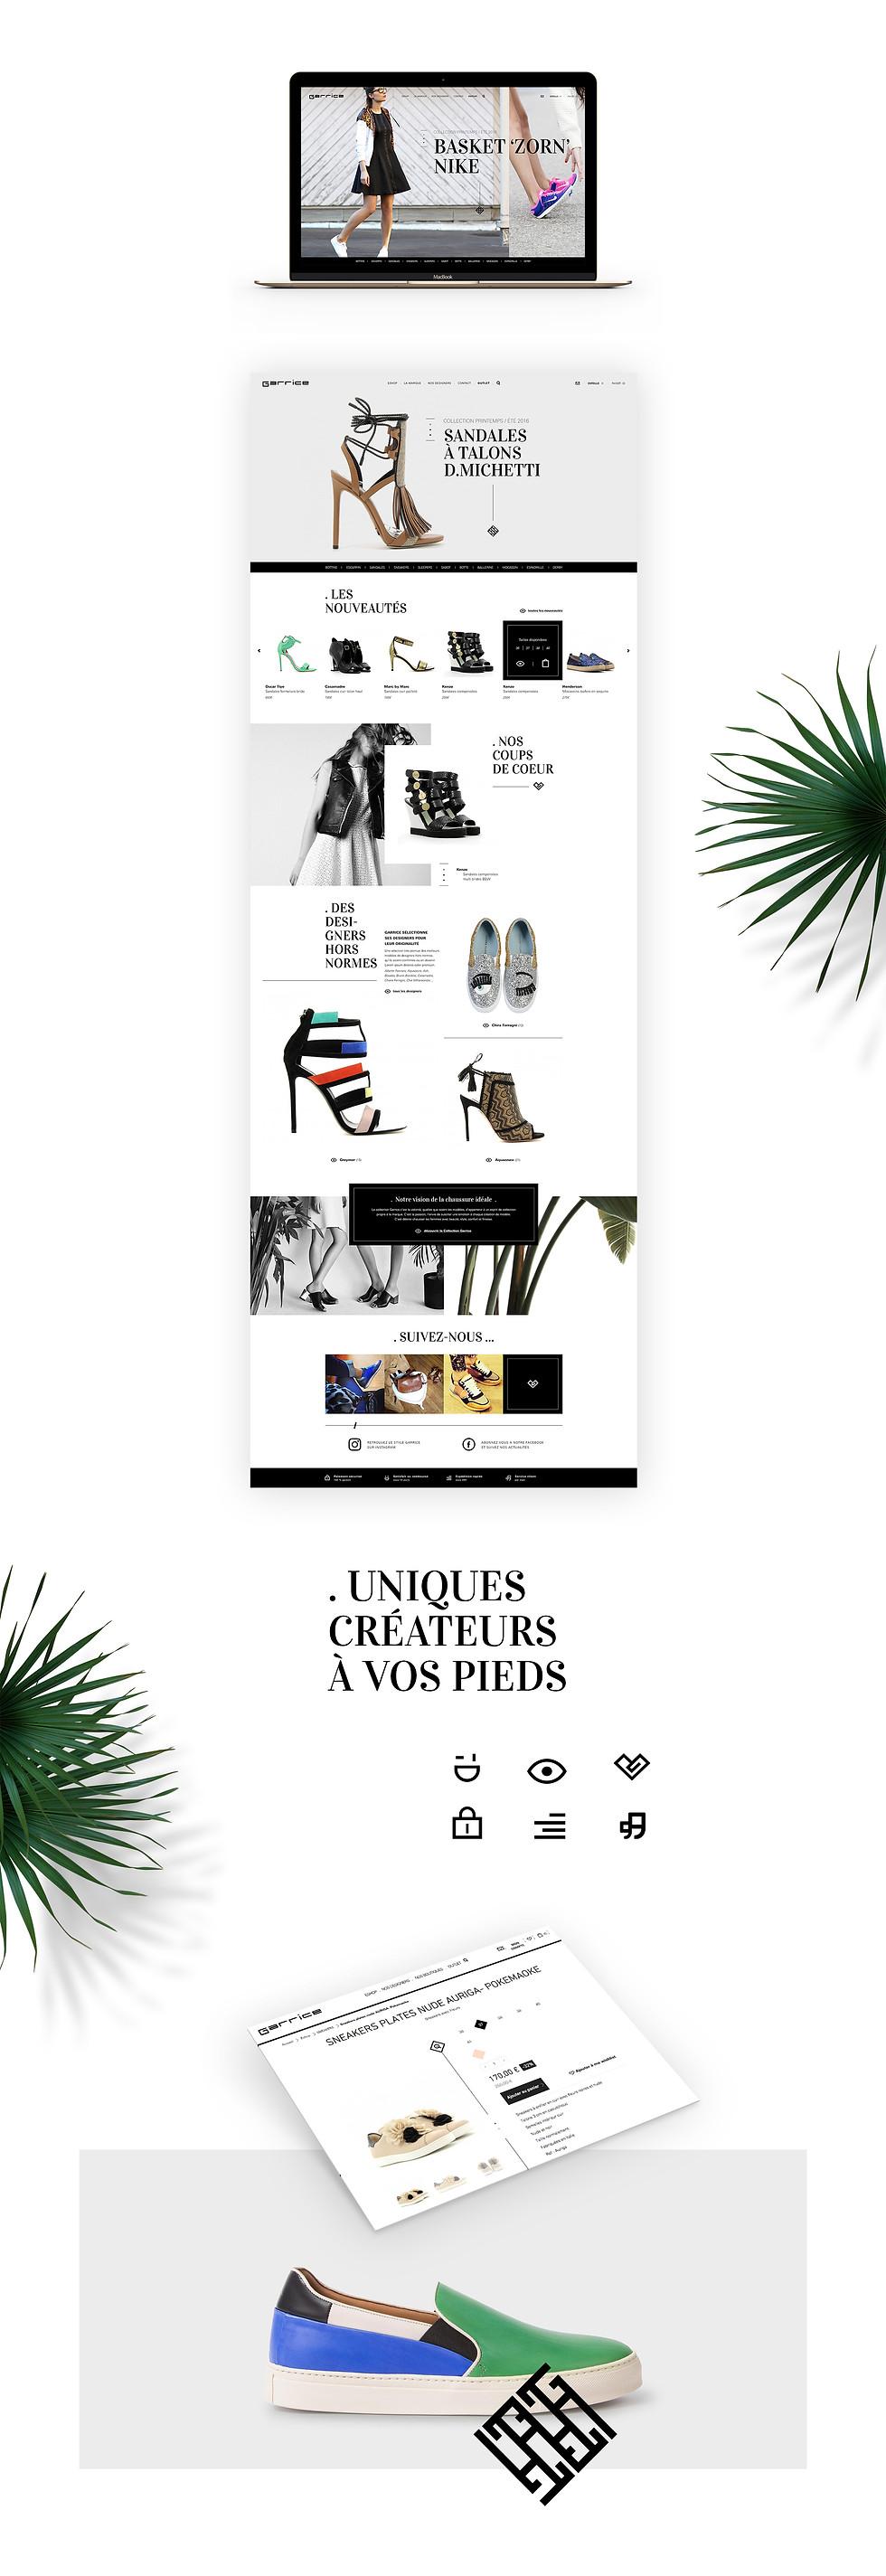 Création, réalisation communictaion visuelle site web charte graphique digitaleGarrice e-commerce mode lifestyle par Studio Makémaké